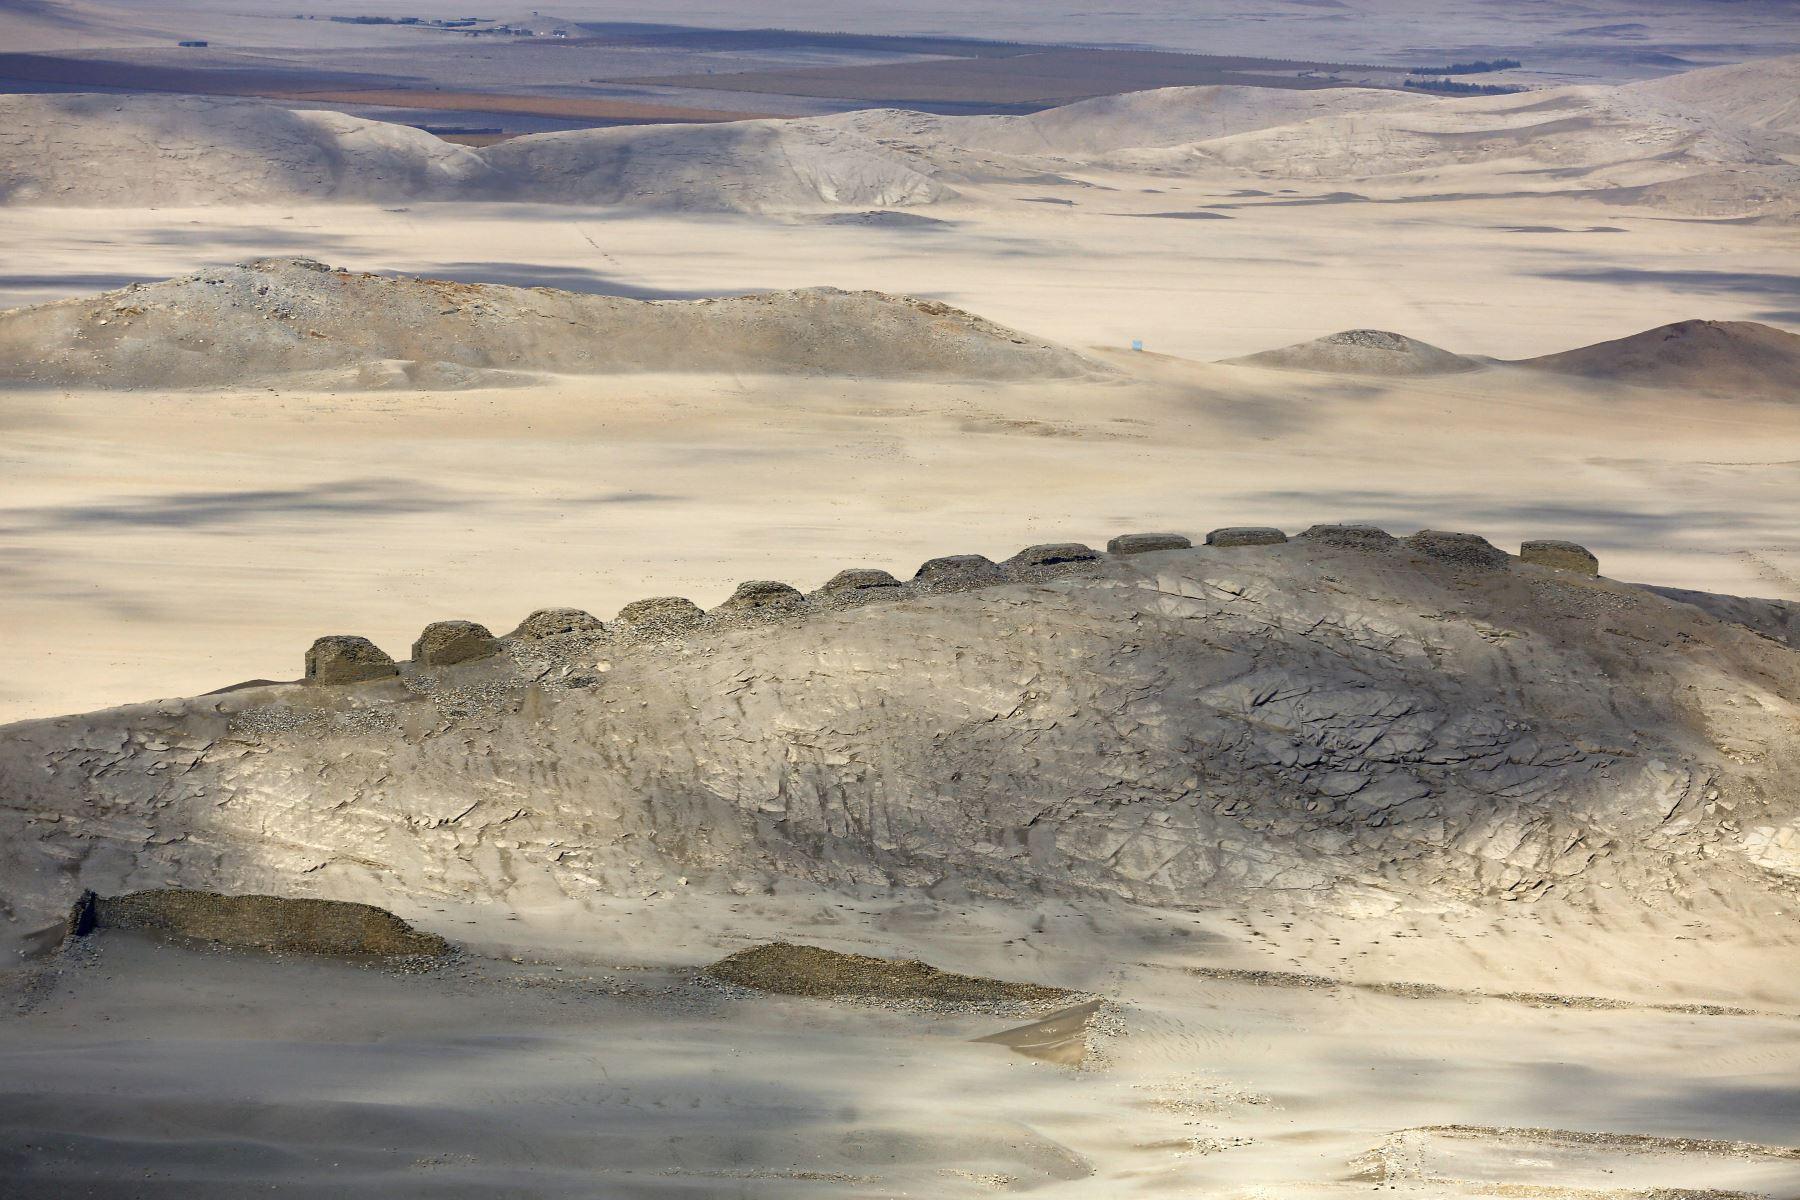 En esta foto de archivo , vista aérea del Observatorio Solar Chankillo cerca de Casma, Perú. - Chankillo, el observatorio solar más antiguo de América entre los años 500 y 200 a.C., fue incluido en la lista de sitios del patrimonio mundial de 2021 por el Comité del Patrimonio de la UNESCO. Foto: AFP